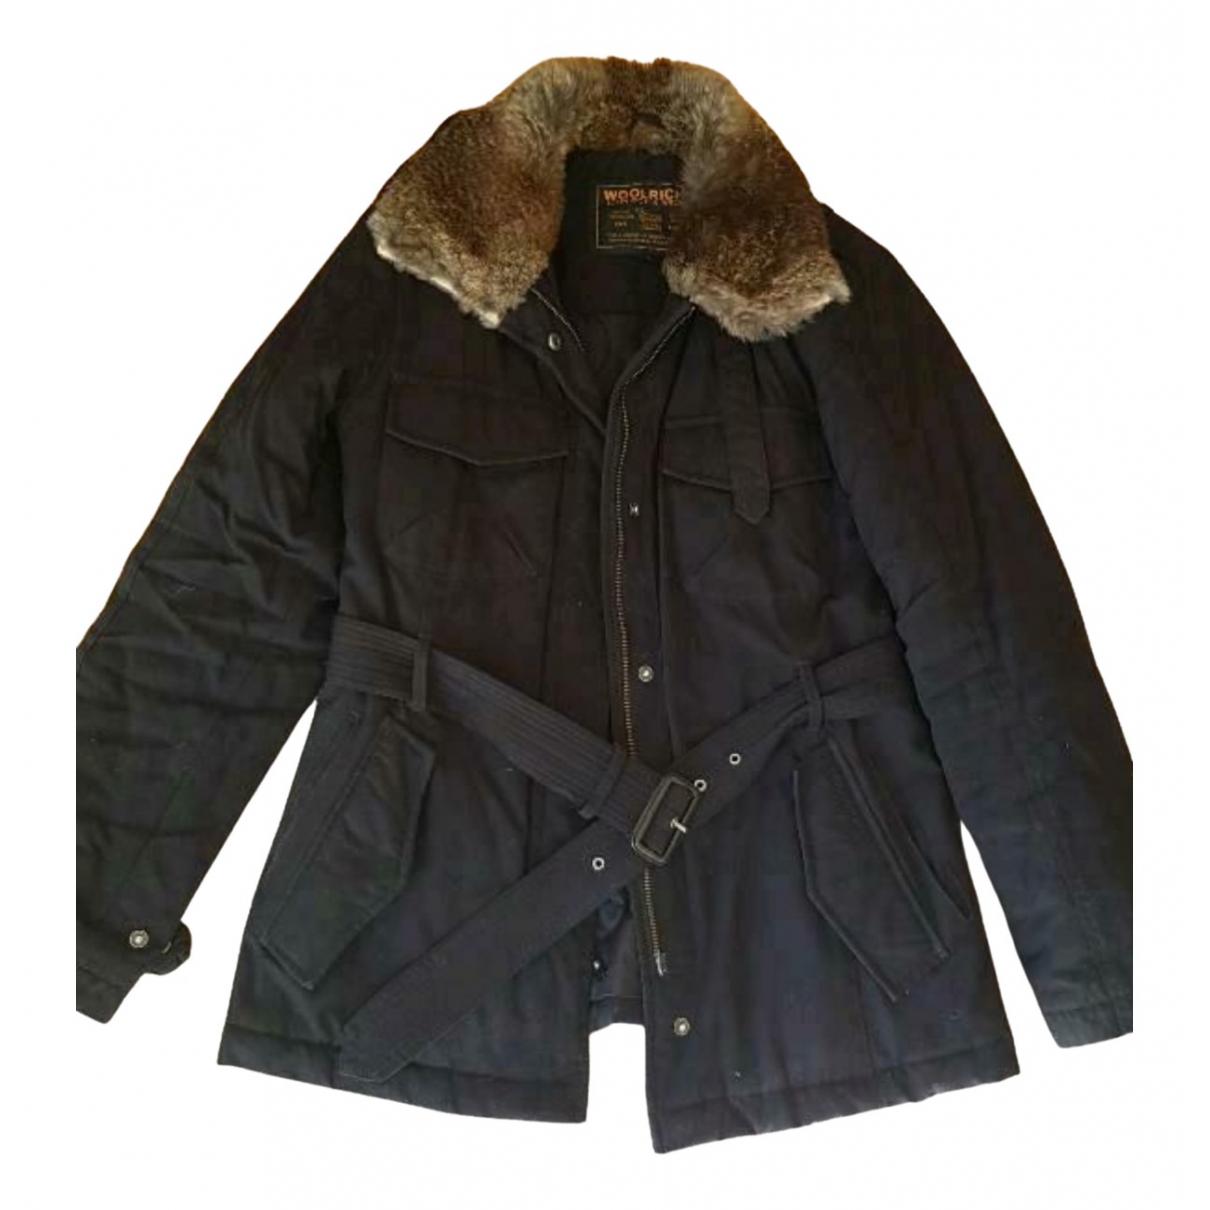 Woolrich \N Black jacket for Women M International